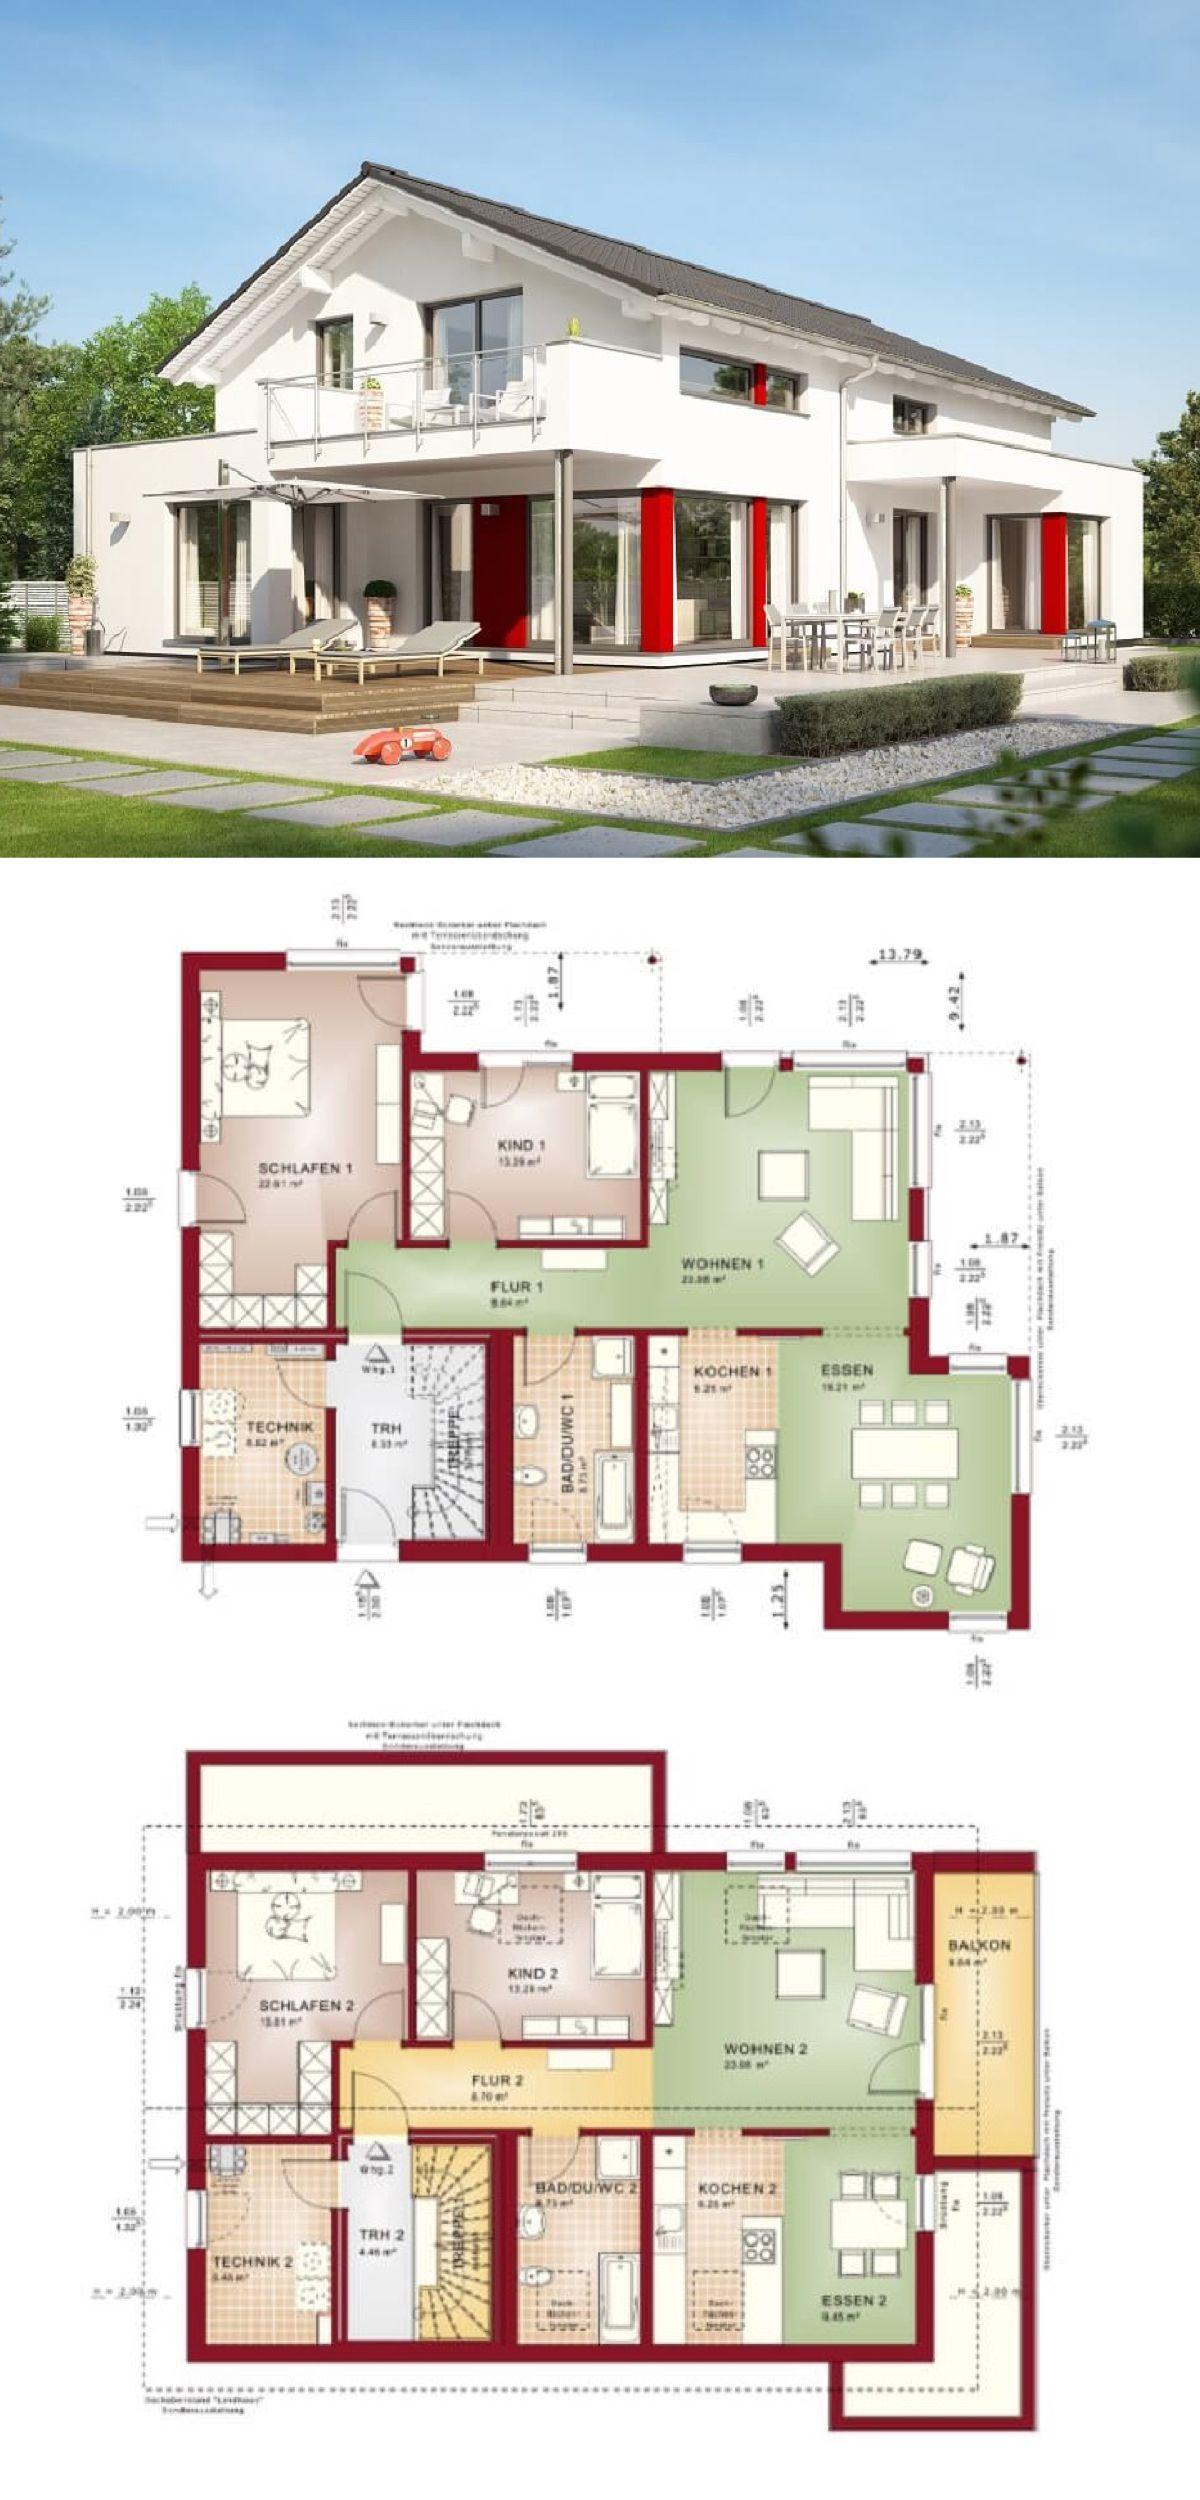 Einfamilienhaus mit Einliegerwohnung Haus Grundriss